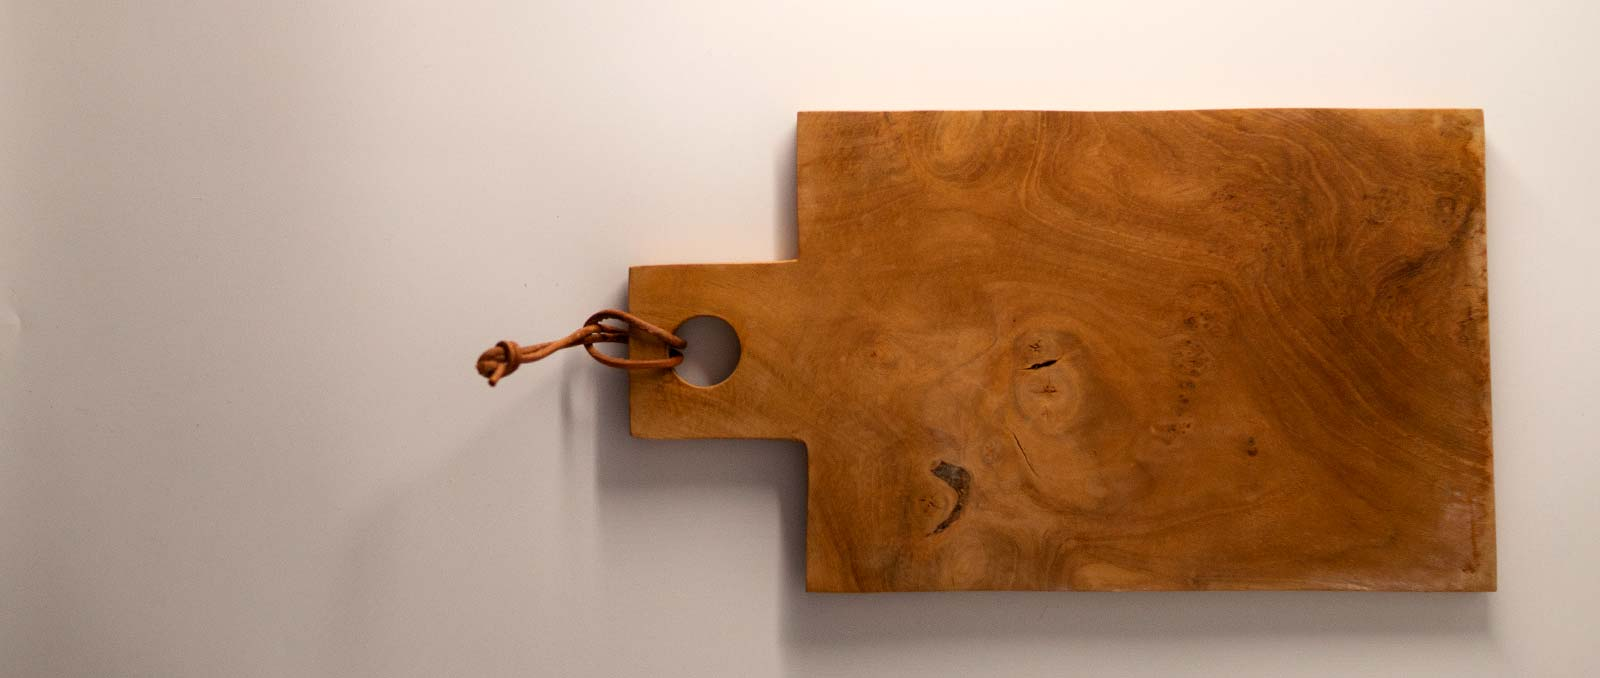 teak-wood-chopping-board